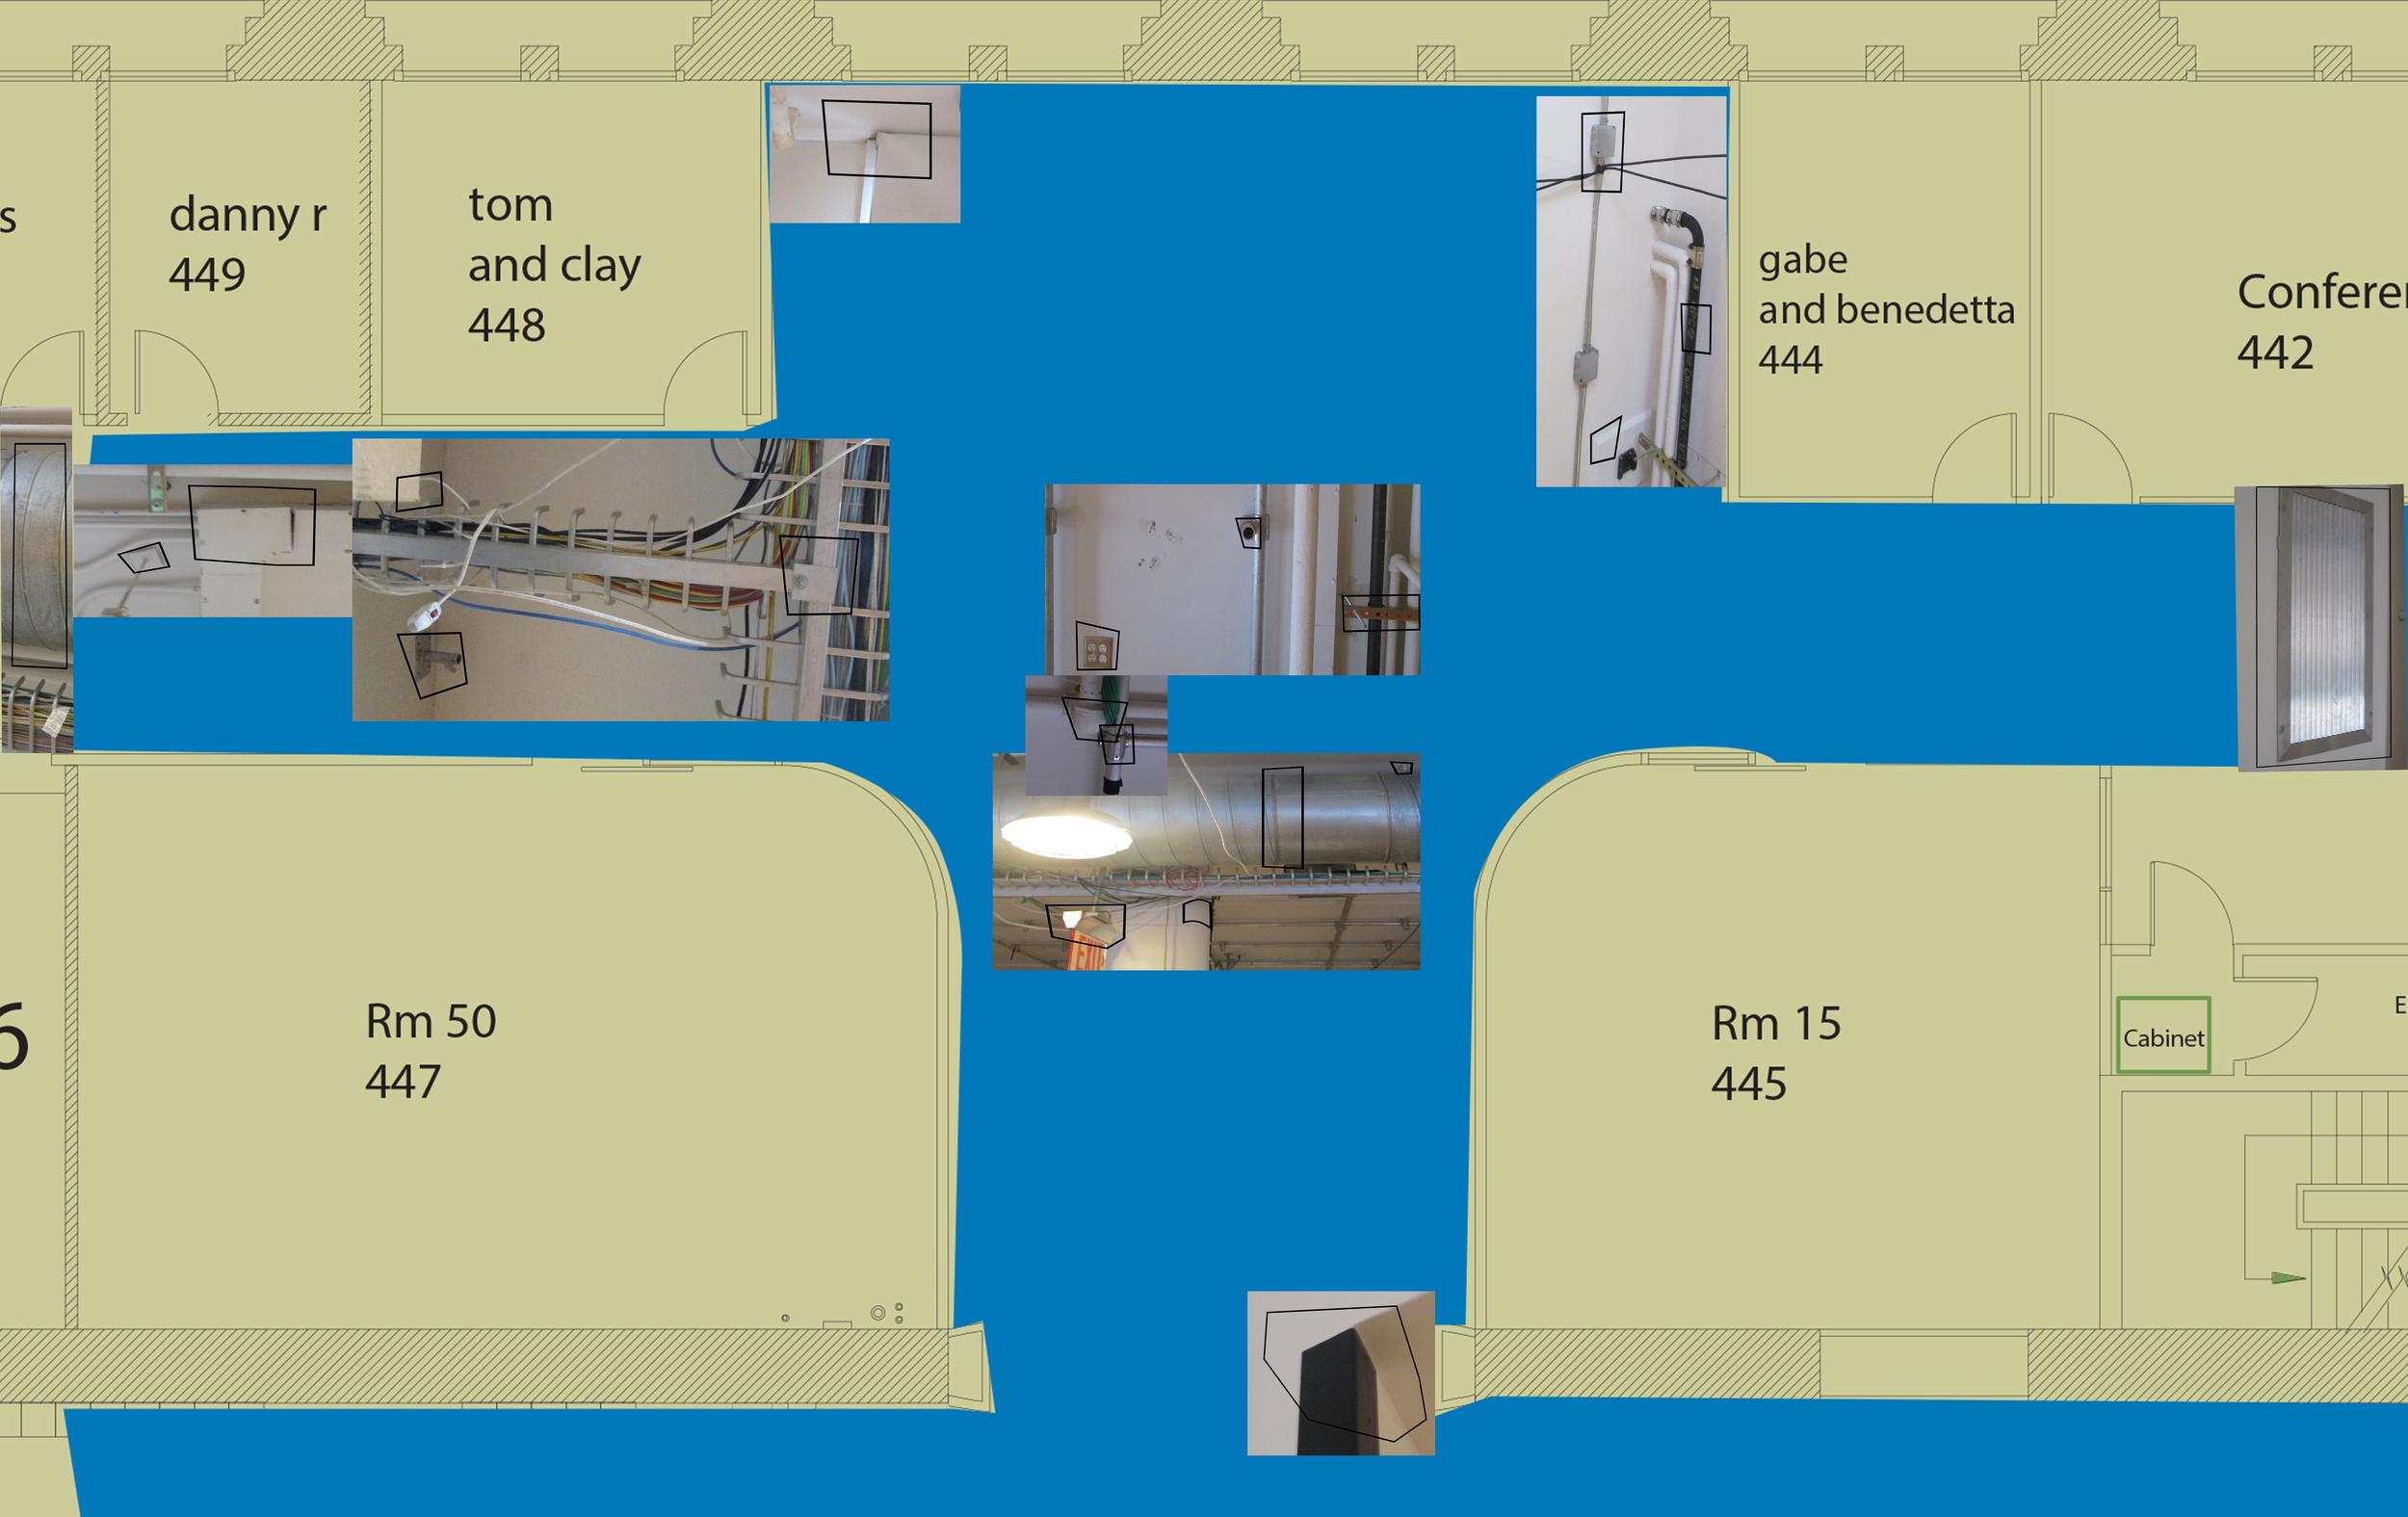 floormap_ITPareasofinterestexamle.jpg